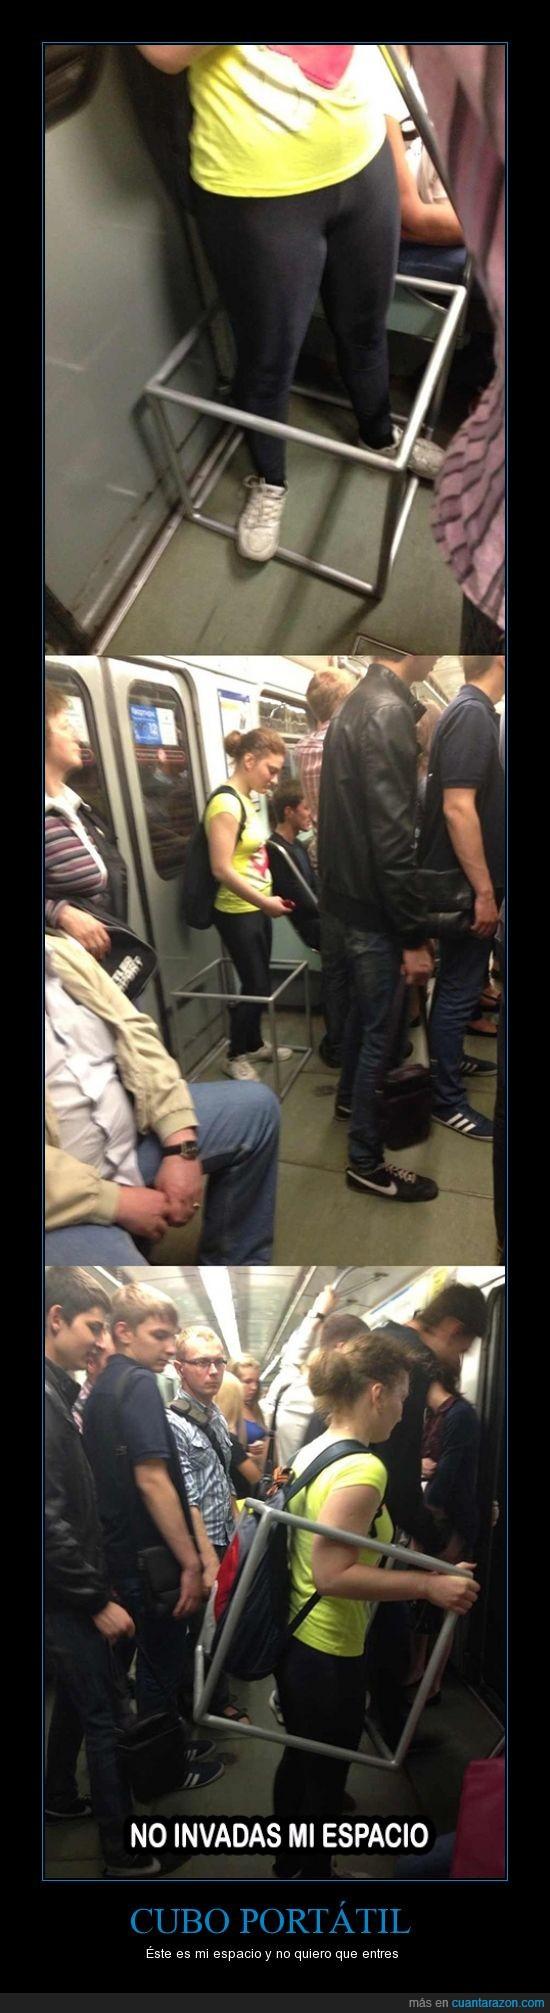 cubo,discriminación,espacio,invadir,metro,soporte,transporte,tren